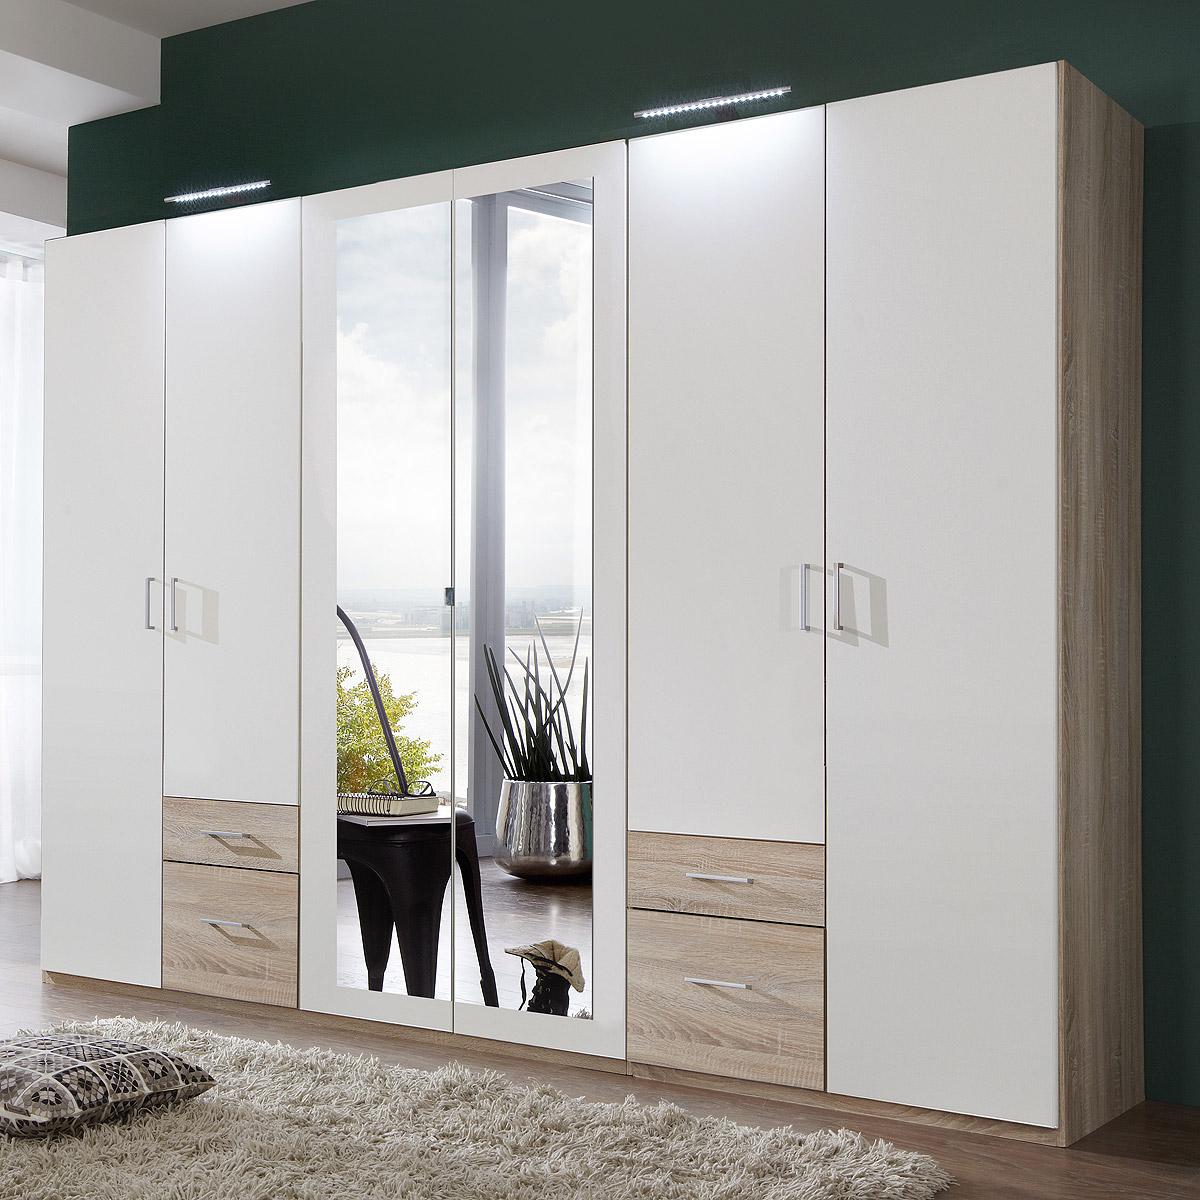 kleiderschrank freiburg schrank dreht renschrank mit spiegel ebay. Black Bedroom Furniture Sets. Home Design Ideas